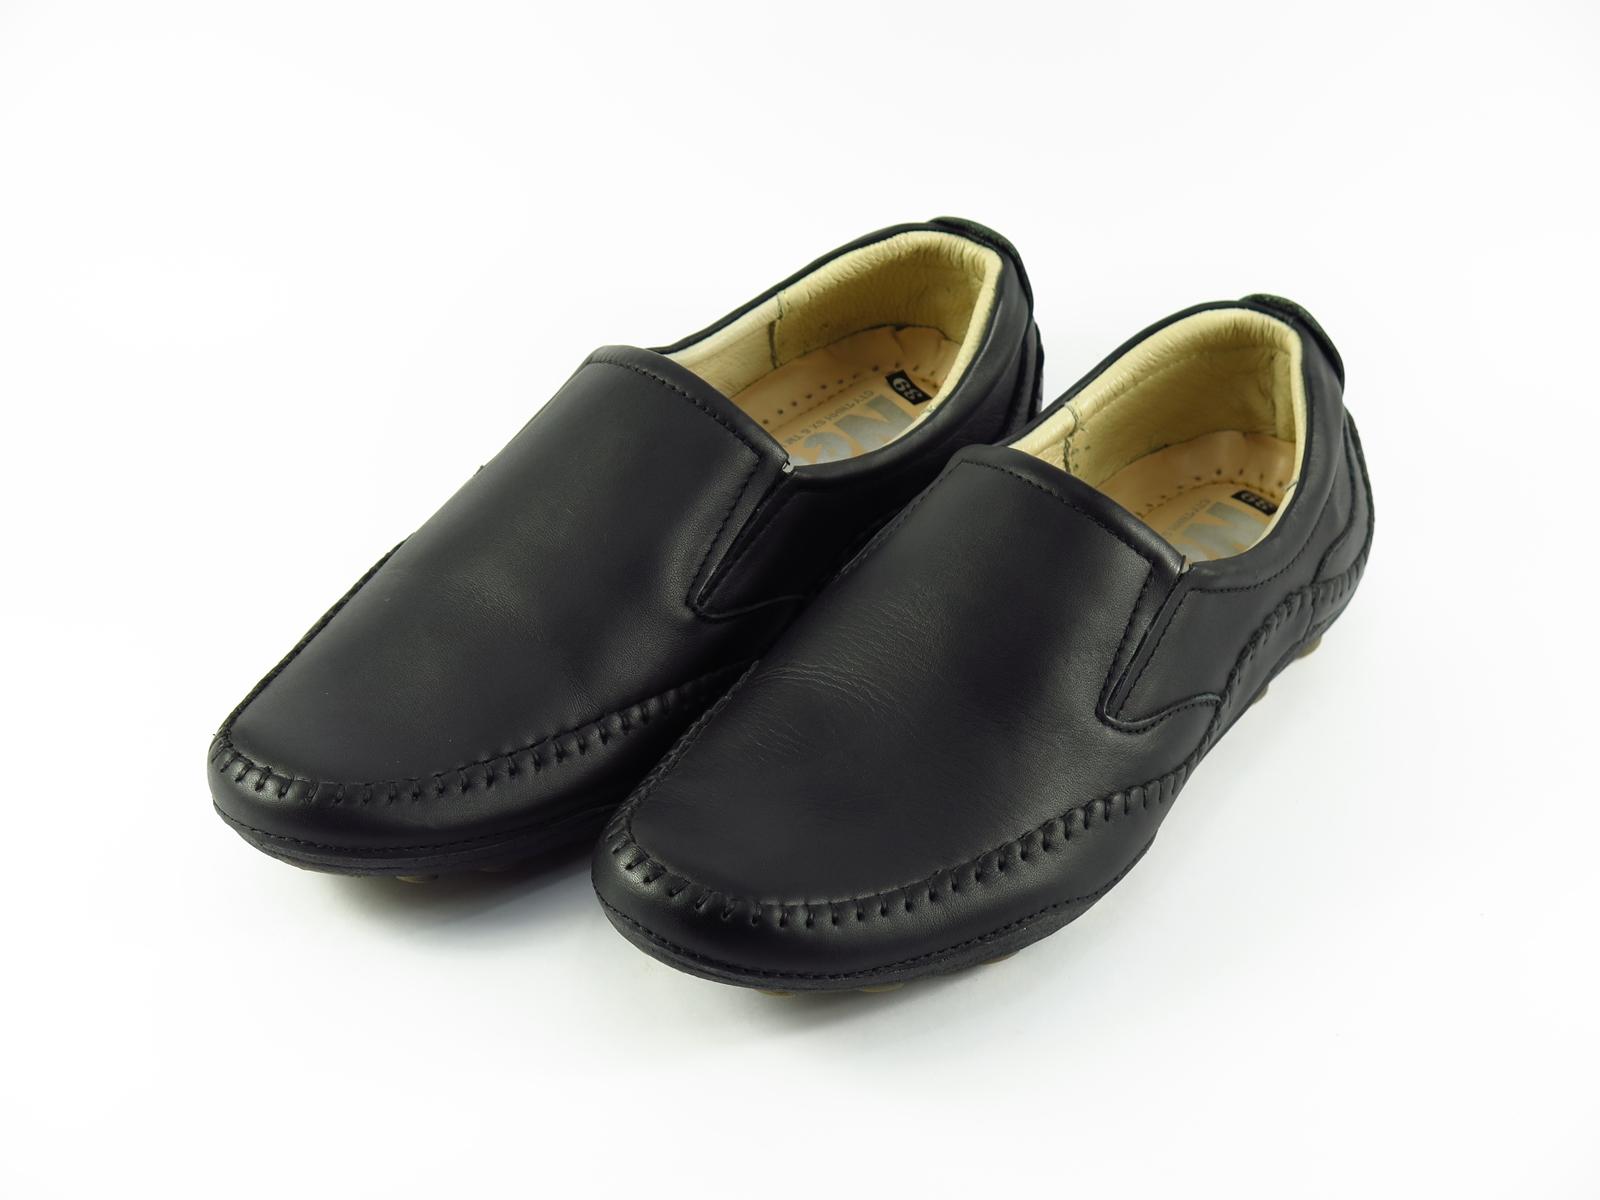 Giày mọi da thô, đế ngoại